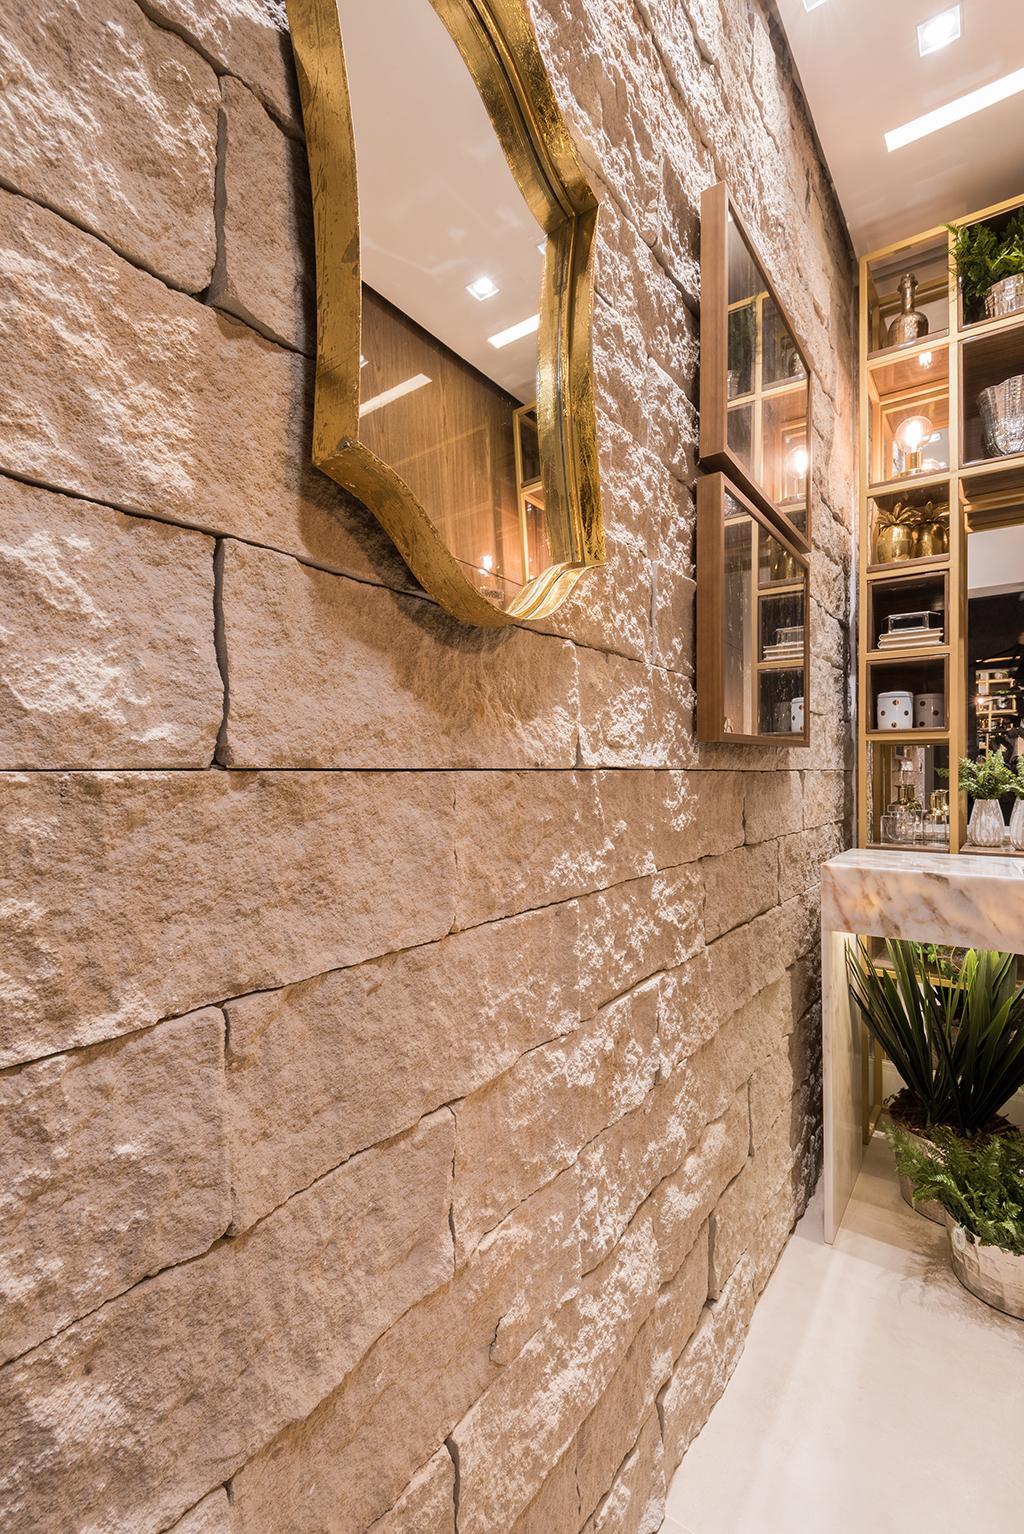 Ecobrick Stone Marfim - Arqs. Deborah Carvalho e Mariana Almeira - F. Favaro Jr